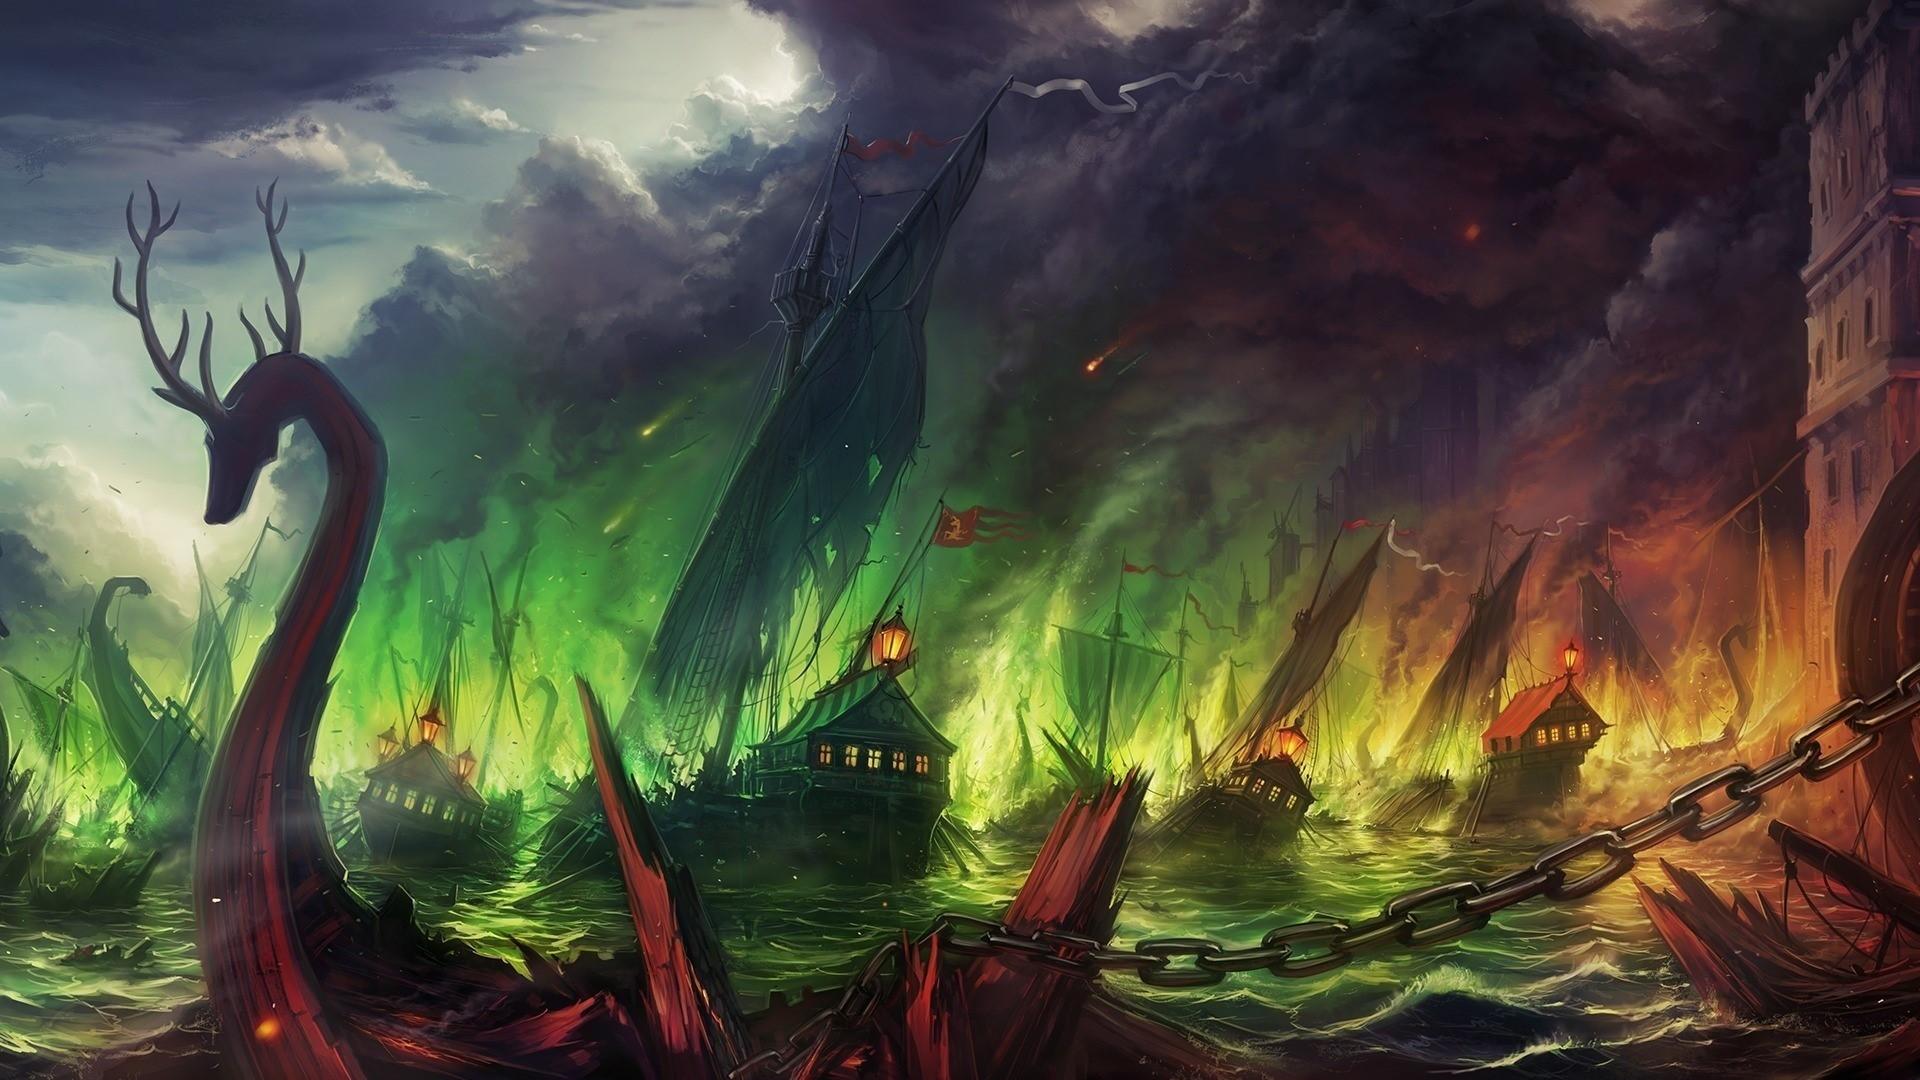 wallpaper : landscape, painting, digital art, sky, dragon, fan art